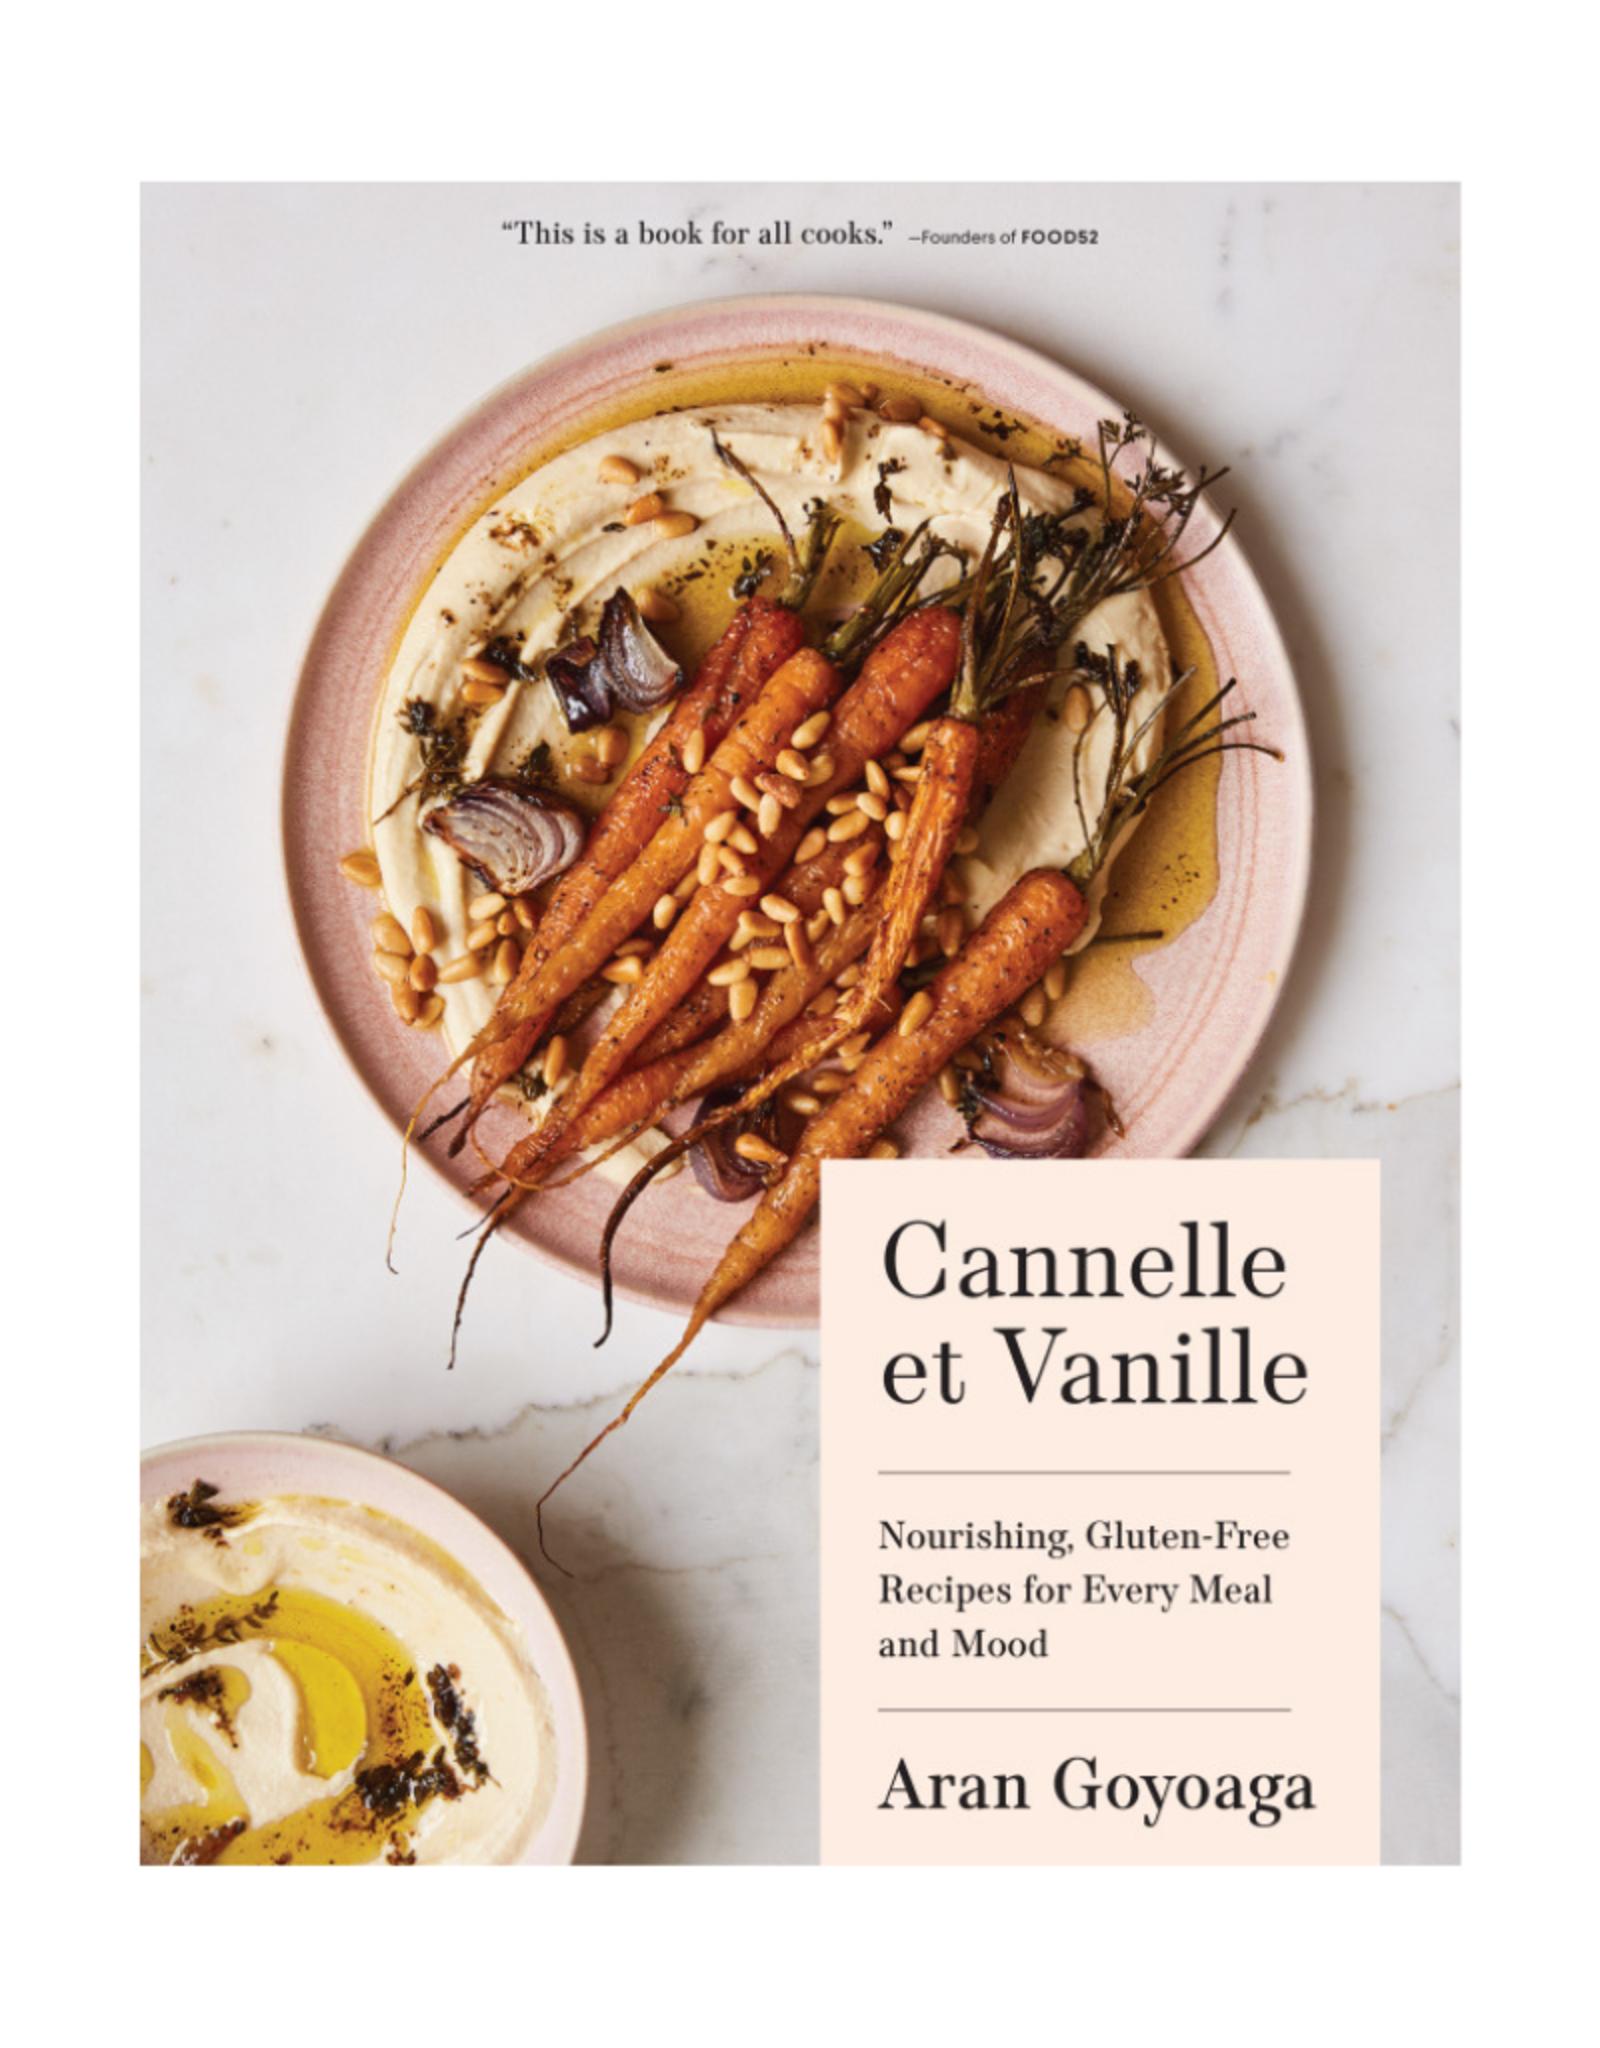 Random House Cannelle et Vanille by Aran Goyoaga